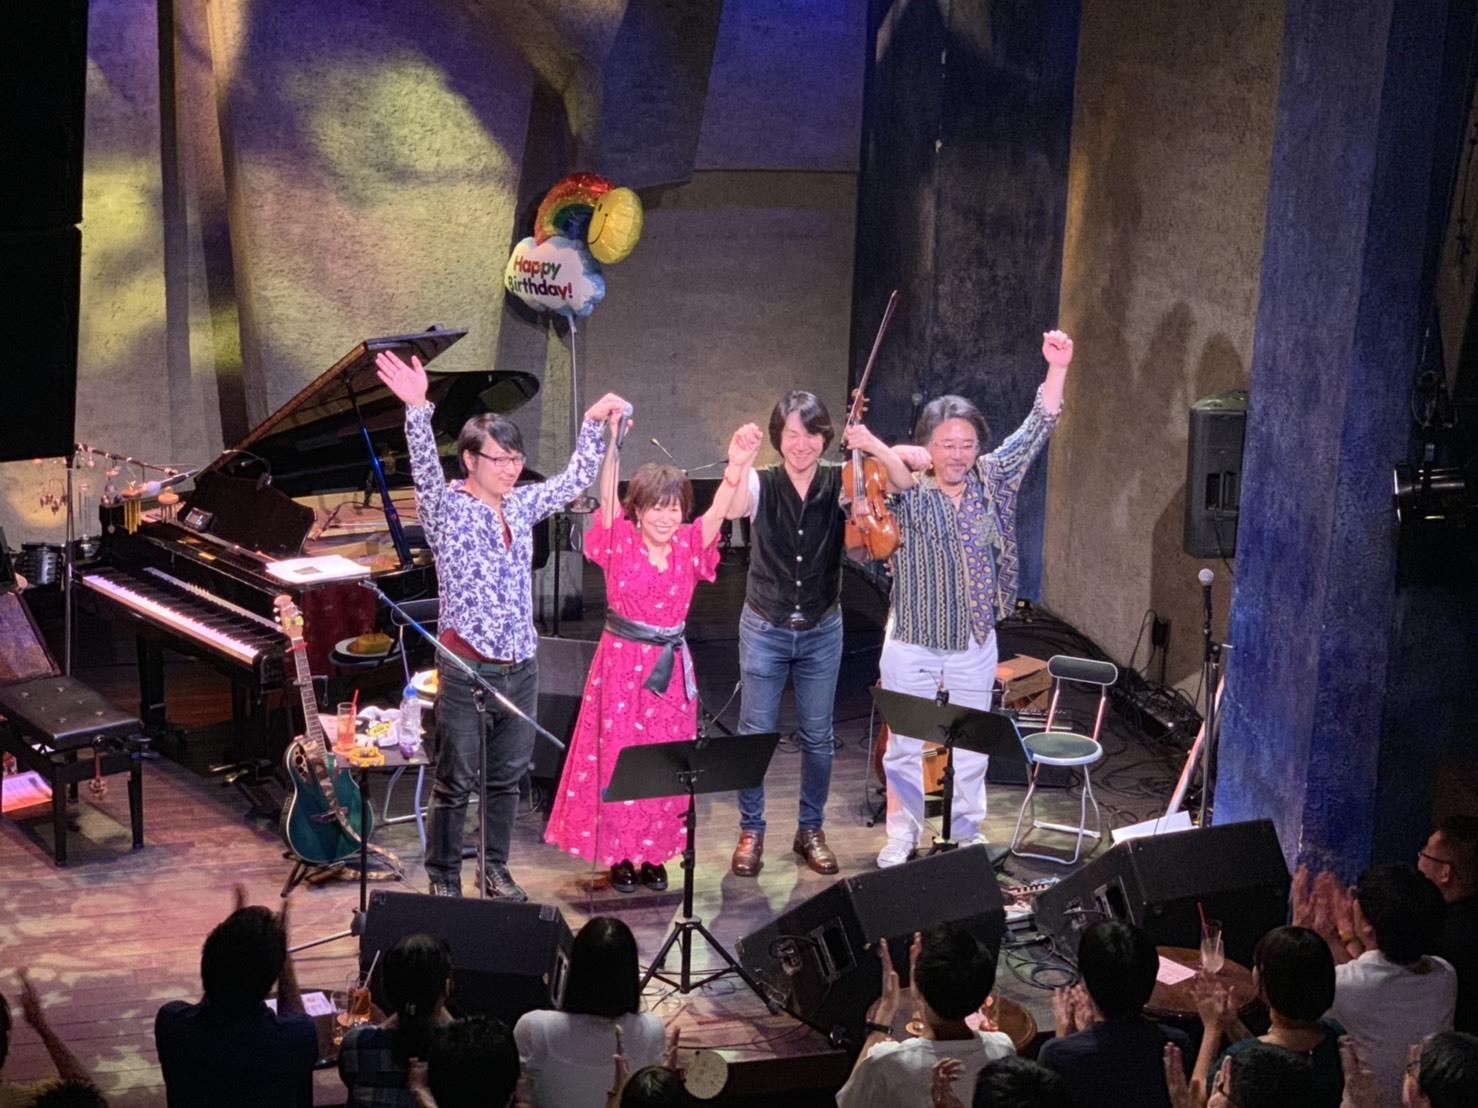 「米倉千尋 Birthday Acoustic Live 2019 〜極上バラードの夜宴〜」ありがとうメモリー🌟_a0114206_16243783.jpeg